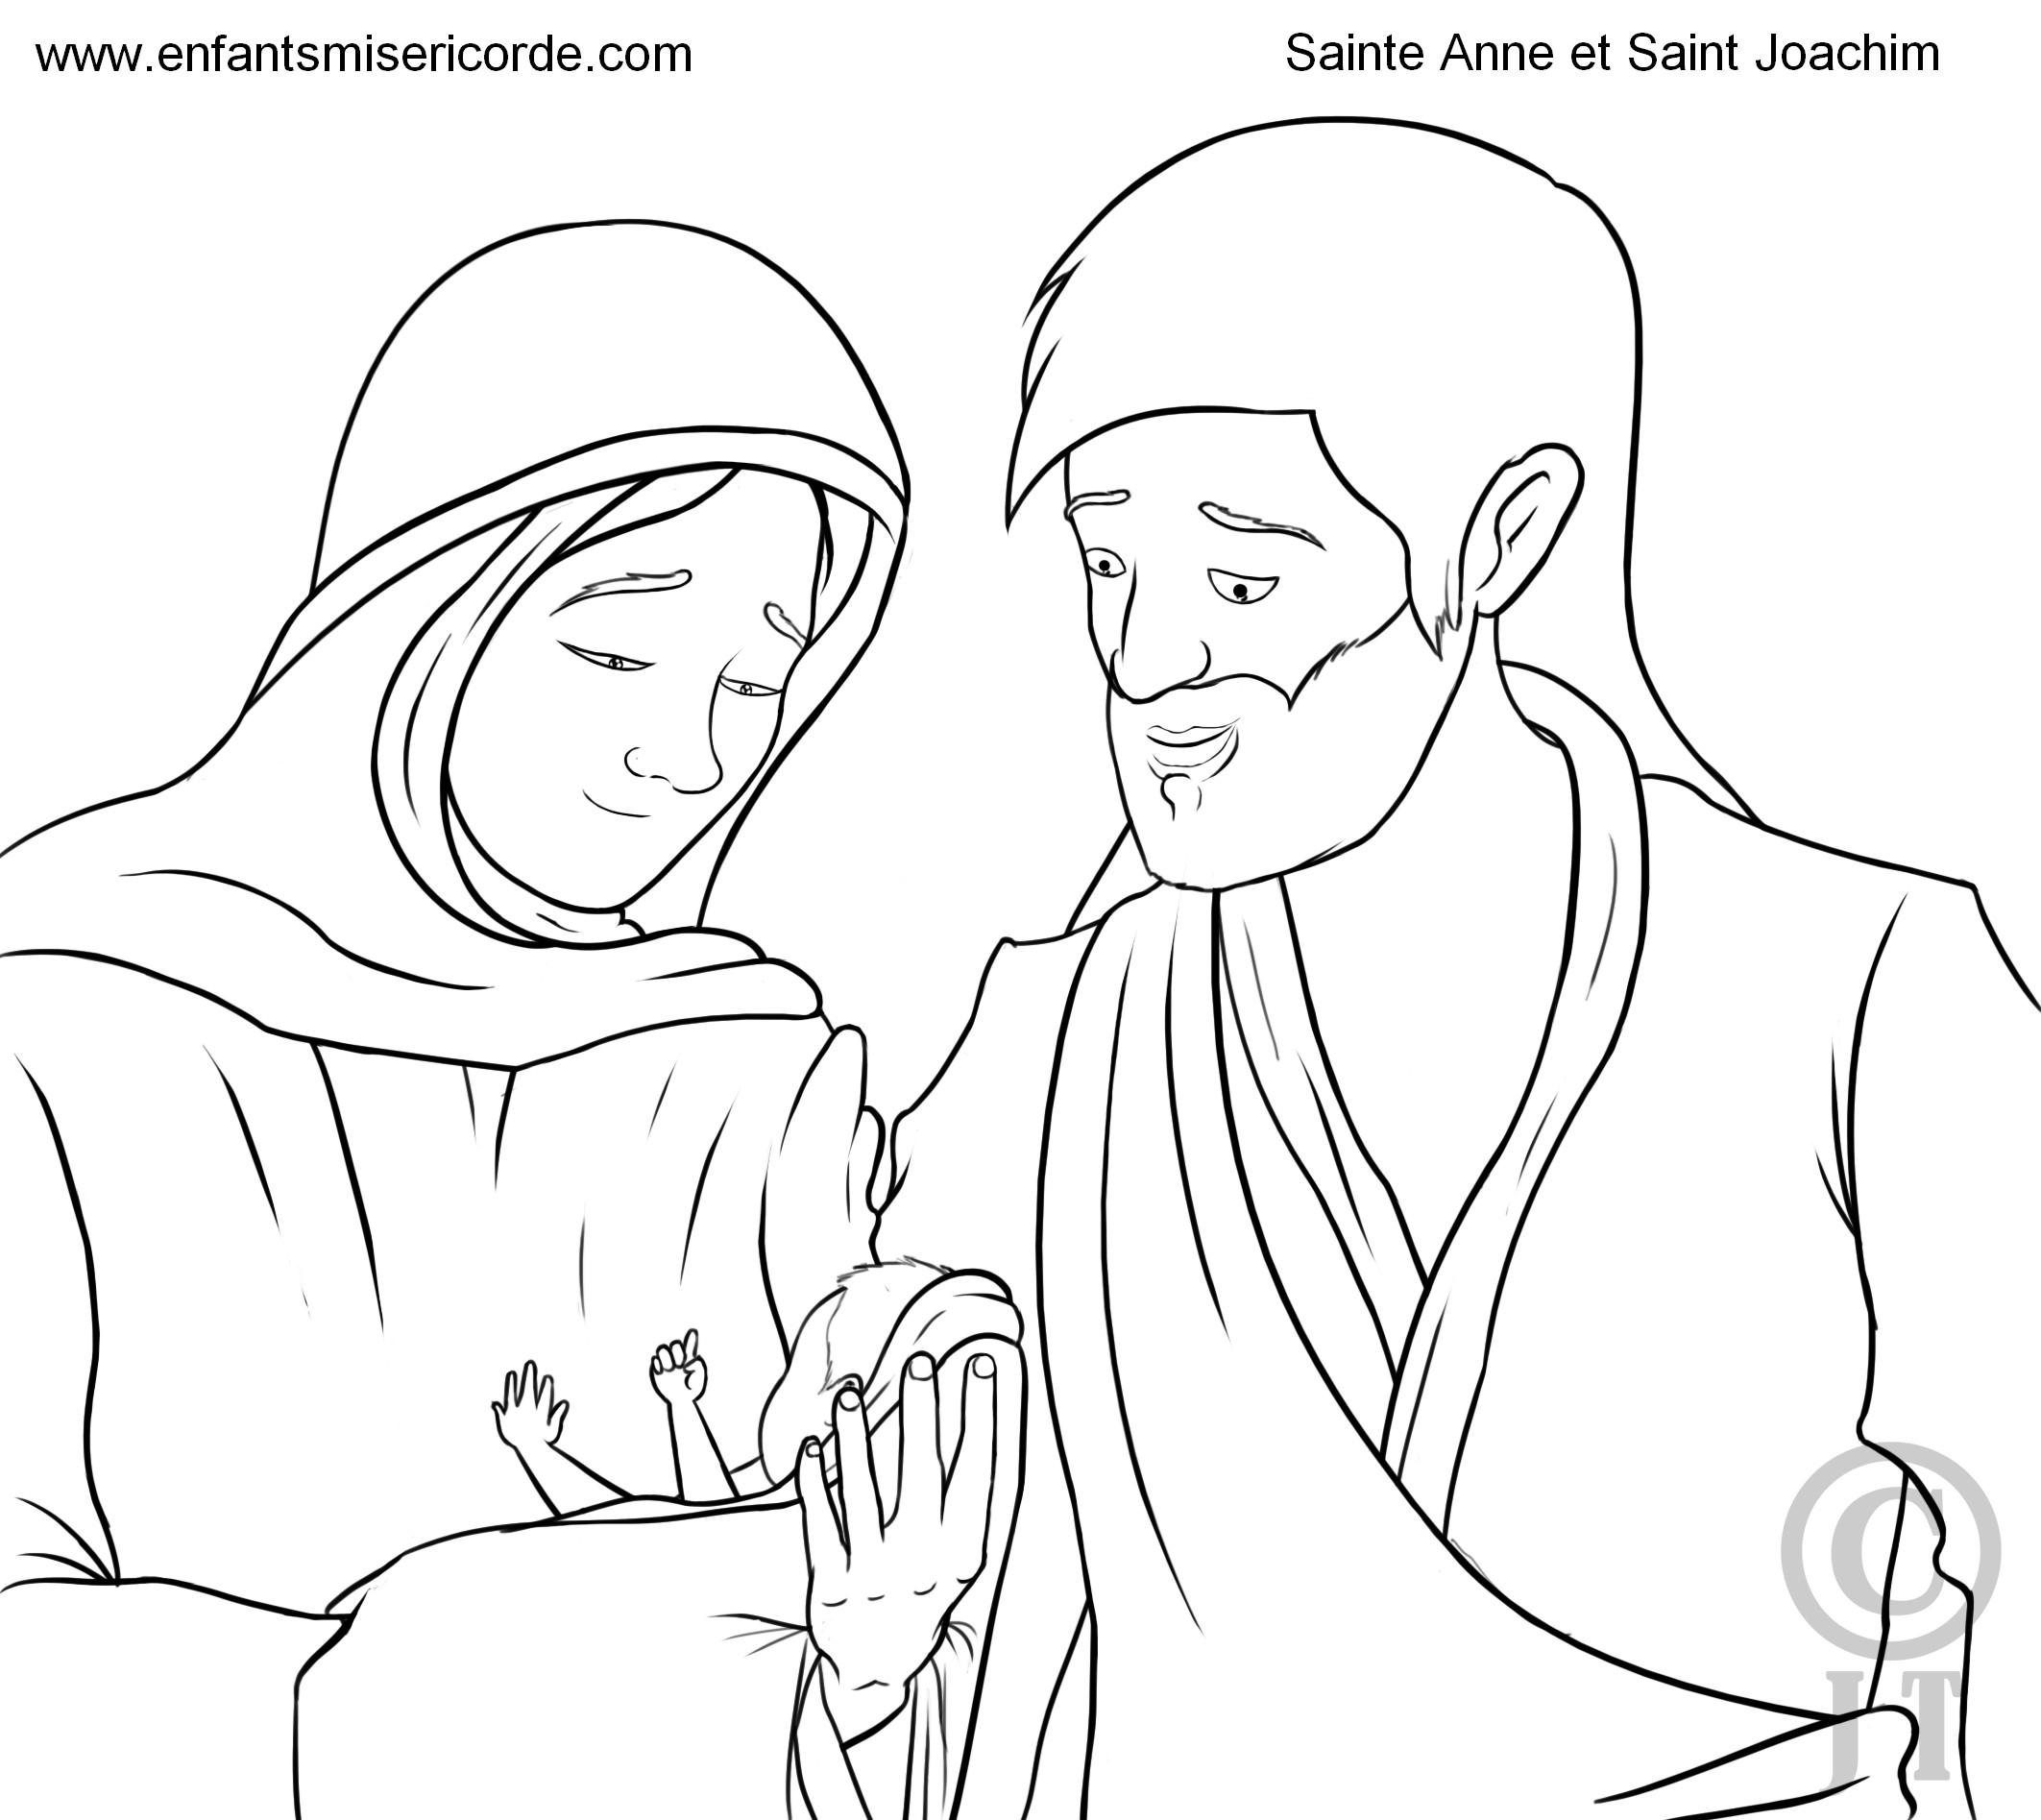 coloriage sainte Anne et saint Joachim